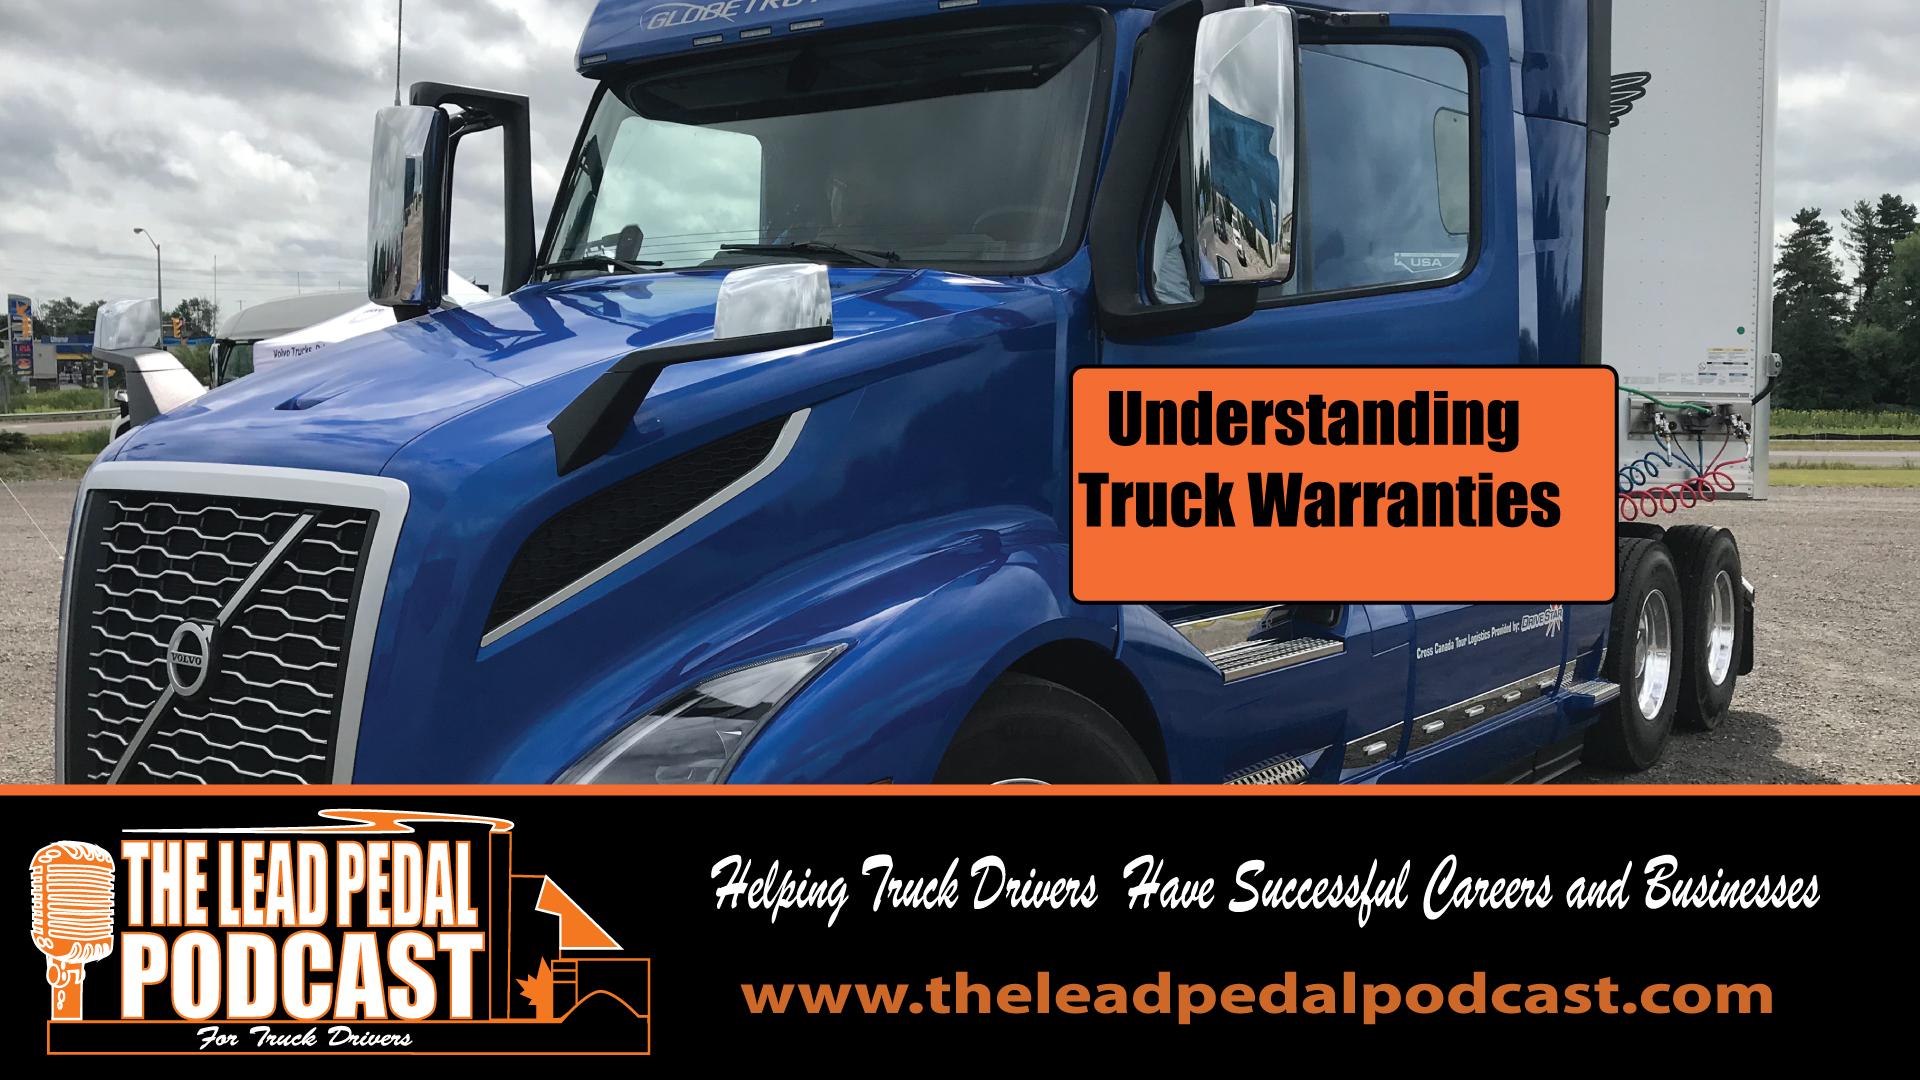 Truck Warranties